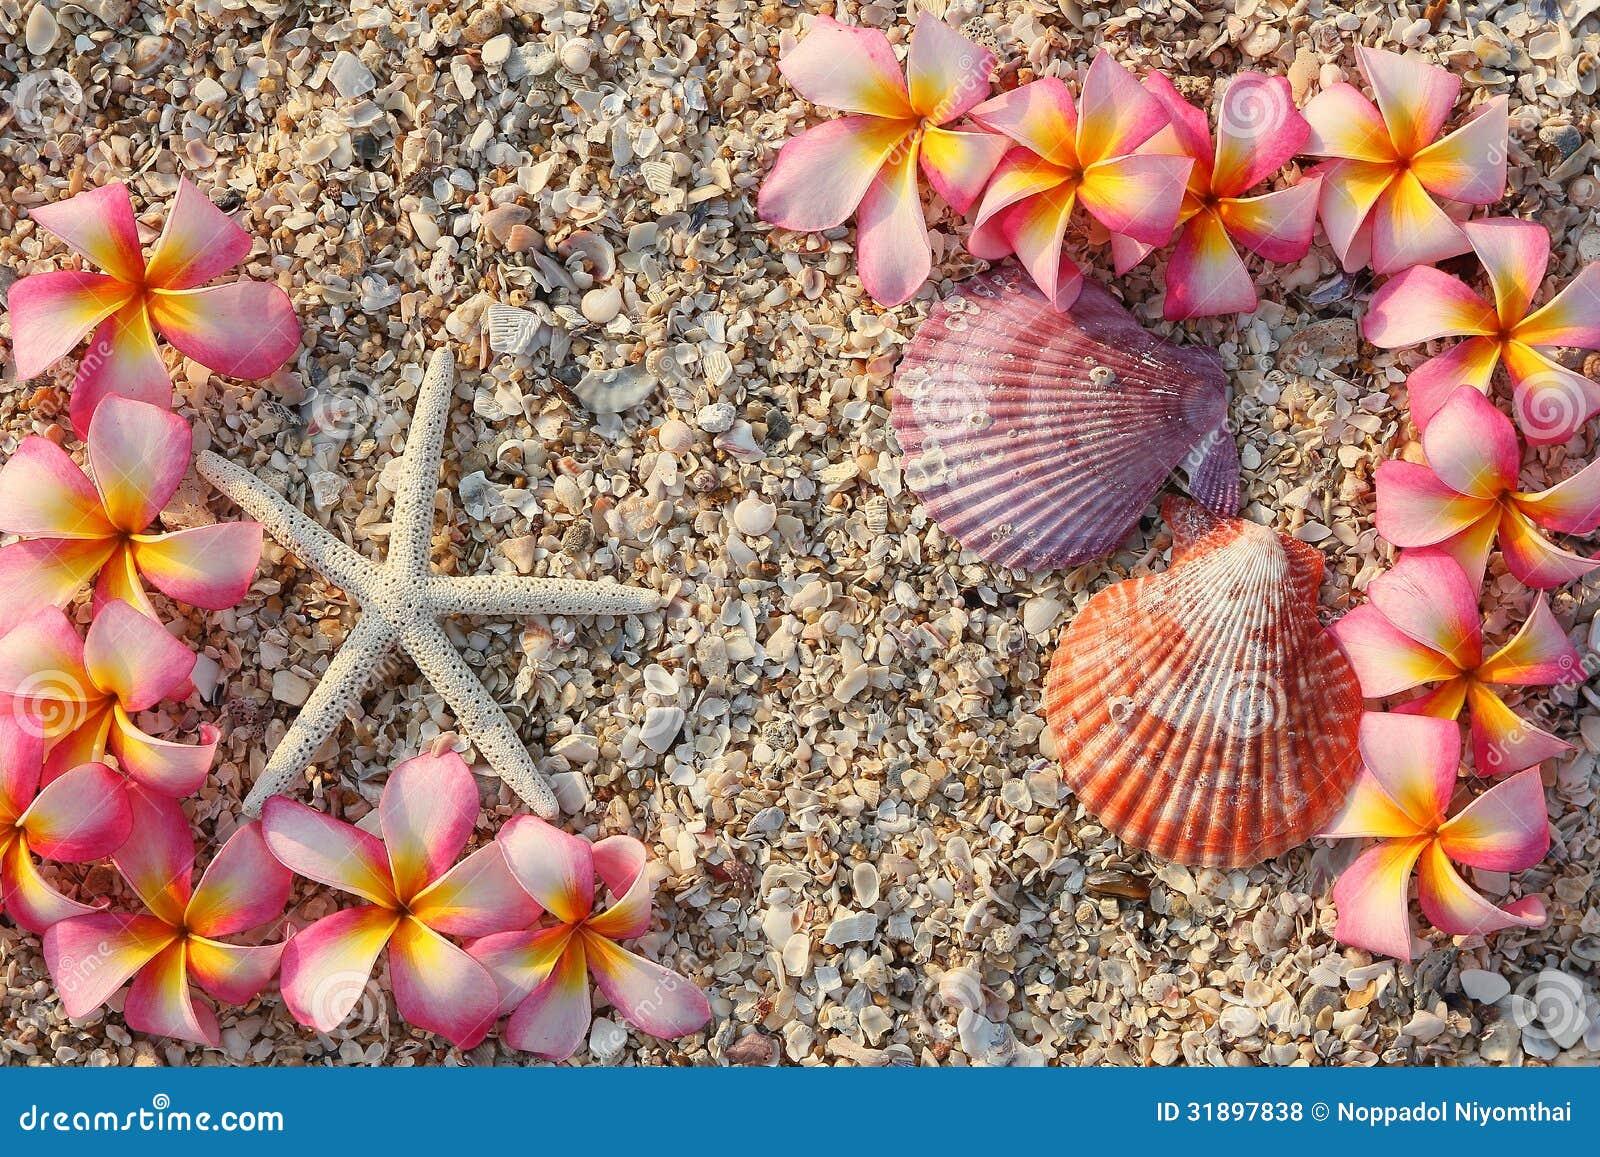 Starfish And Leelawadee Flower Royalty Free Stock Photos ... Leelawadee